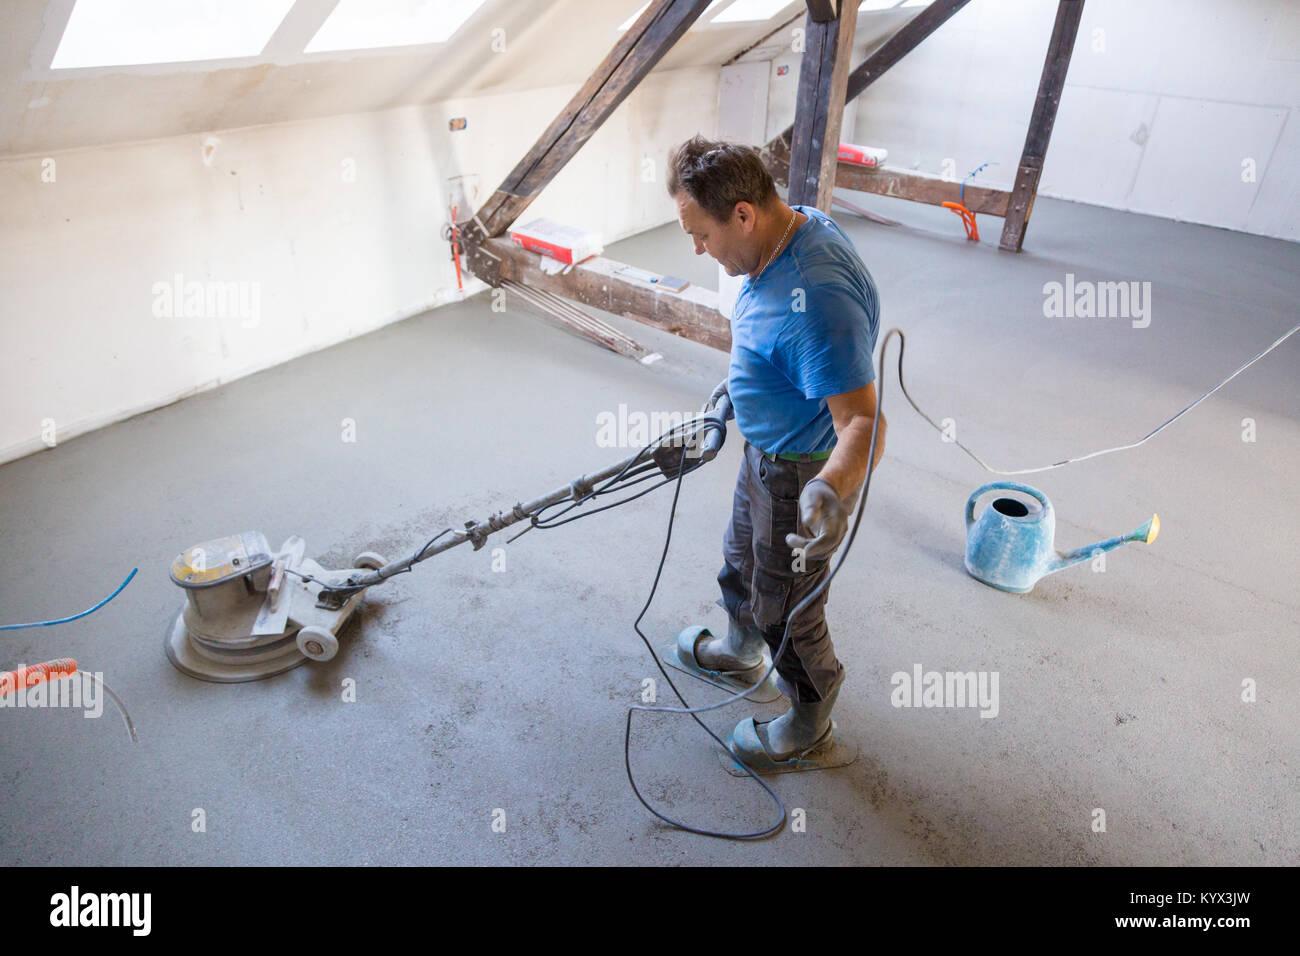 arbeiter polieren sand und zement estrich boden stockfoto bild 172062657 alamy. Black Bedroom Furniture Sets. Home Design Ideas